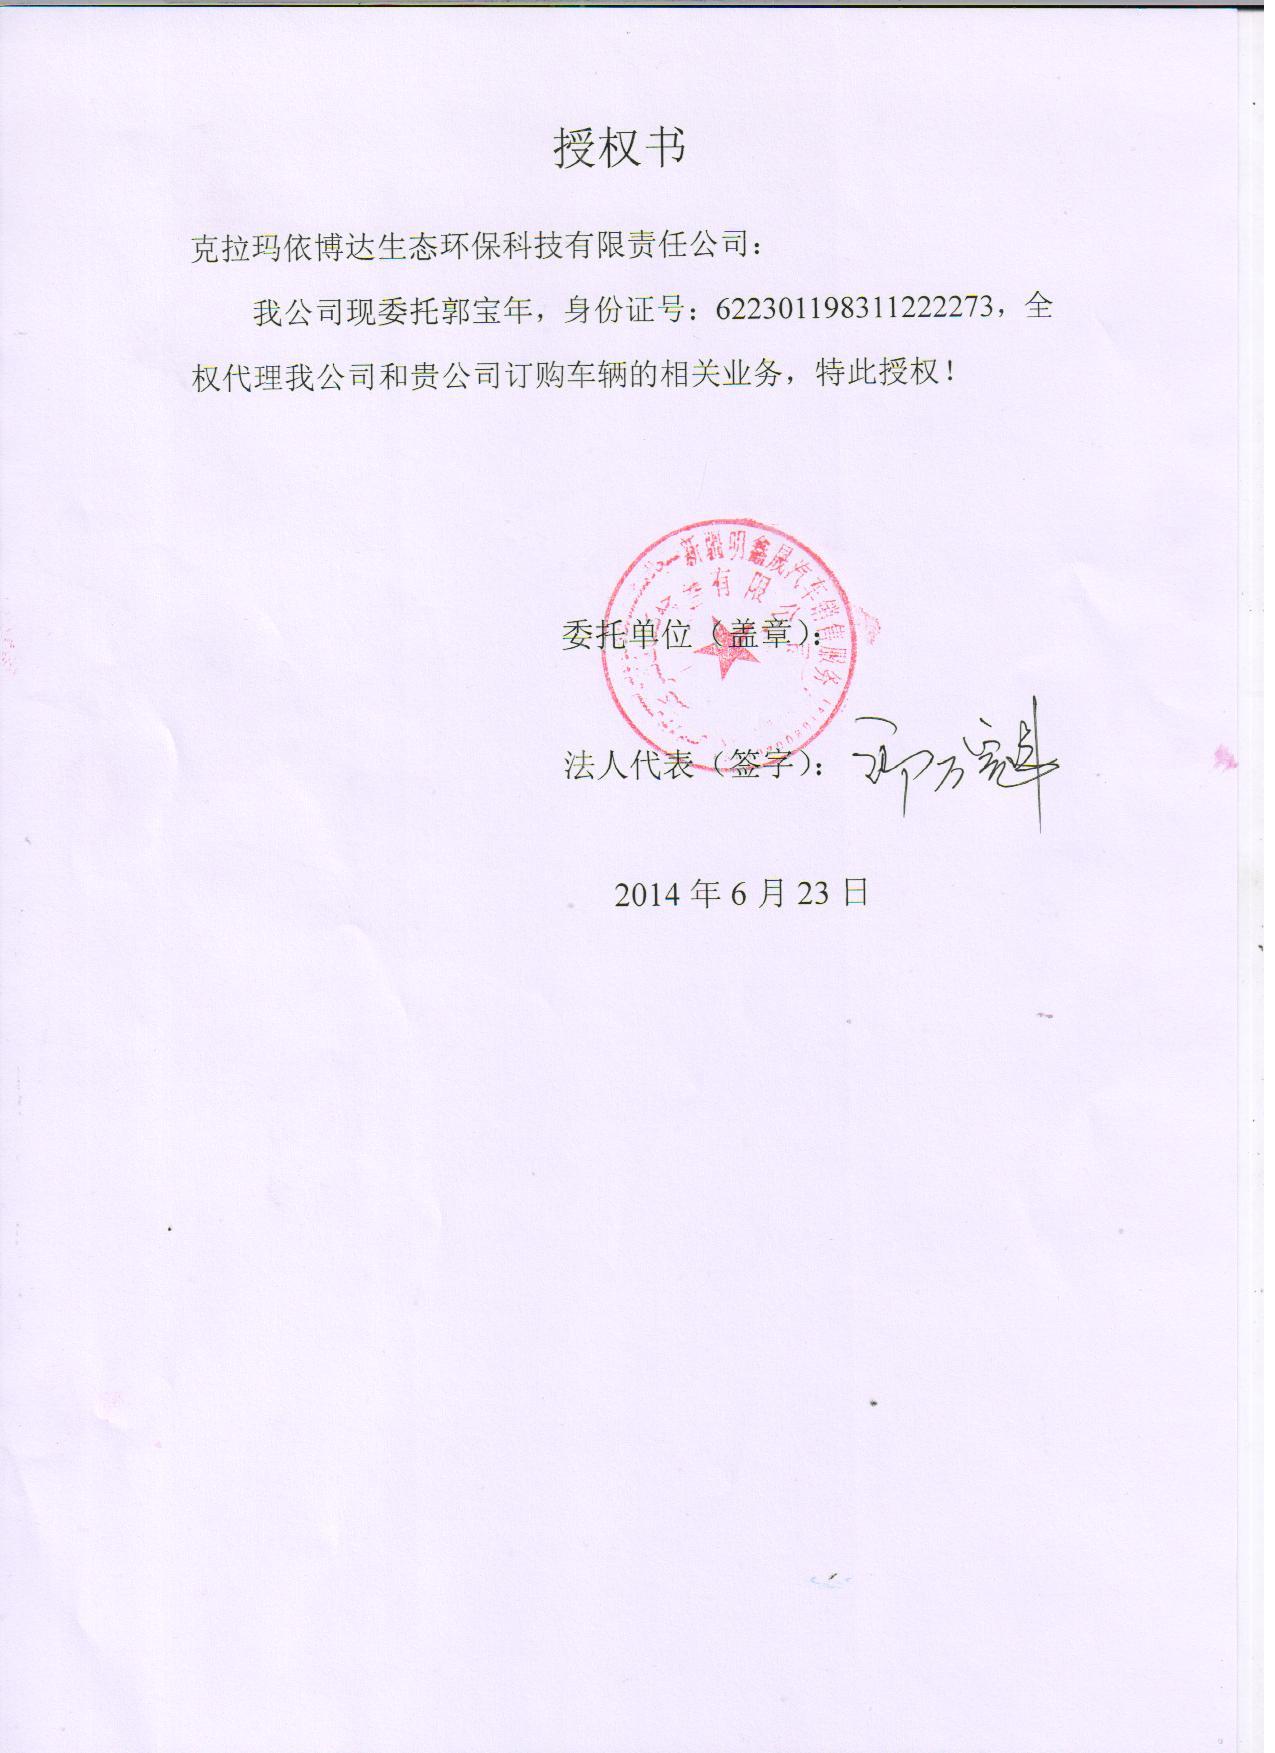 新疆明鑫晟汽车销售服务有限公司